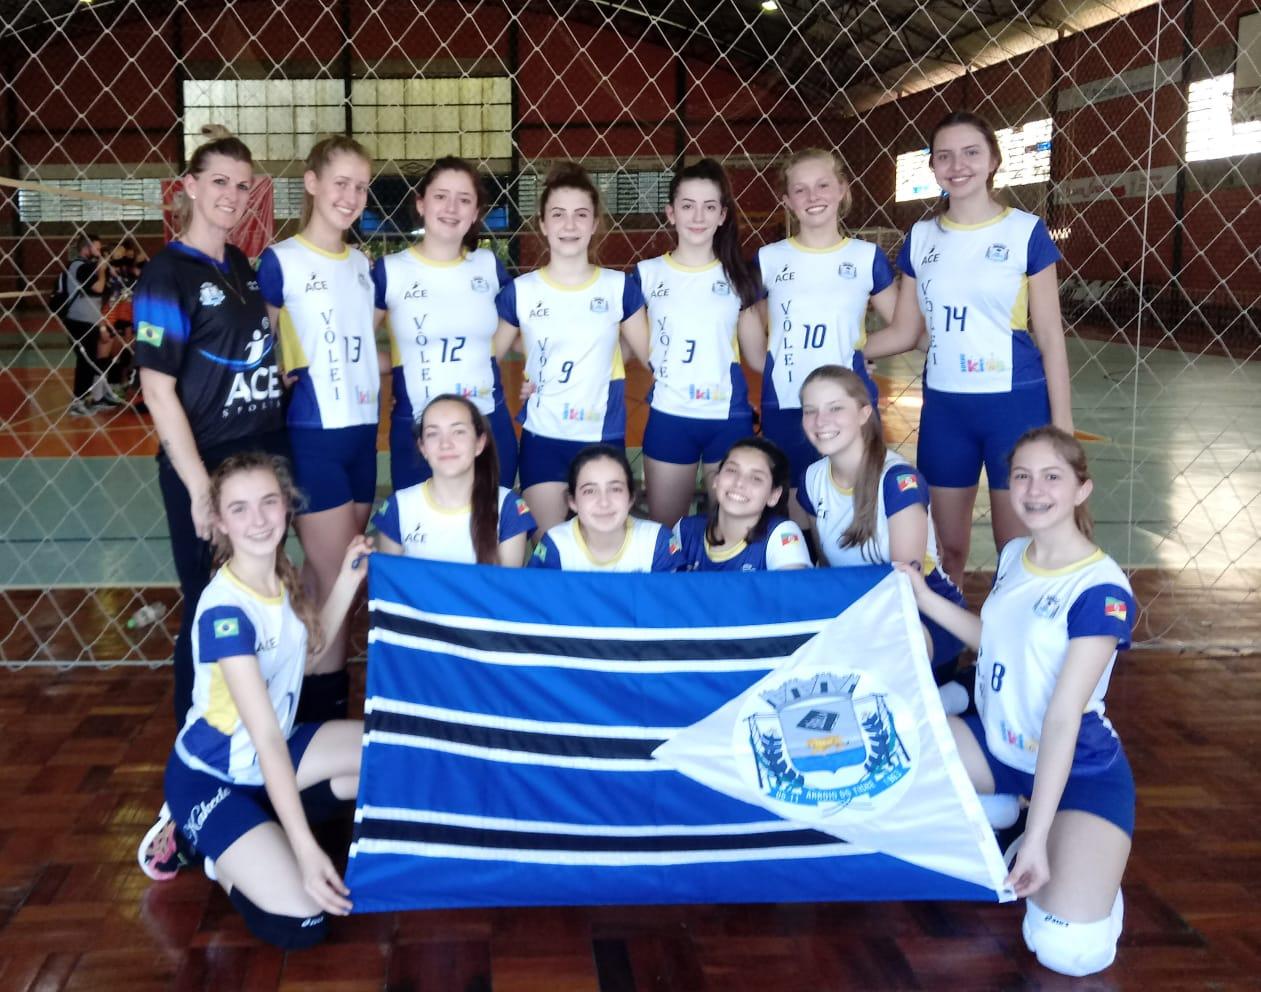 Escolinha de voleibol ACE SPORTS de Arroio do Tigre retoma treinos e participa de competição